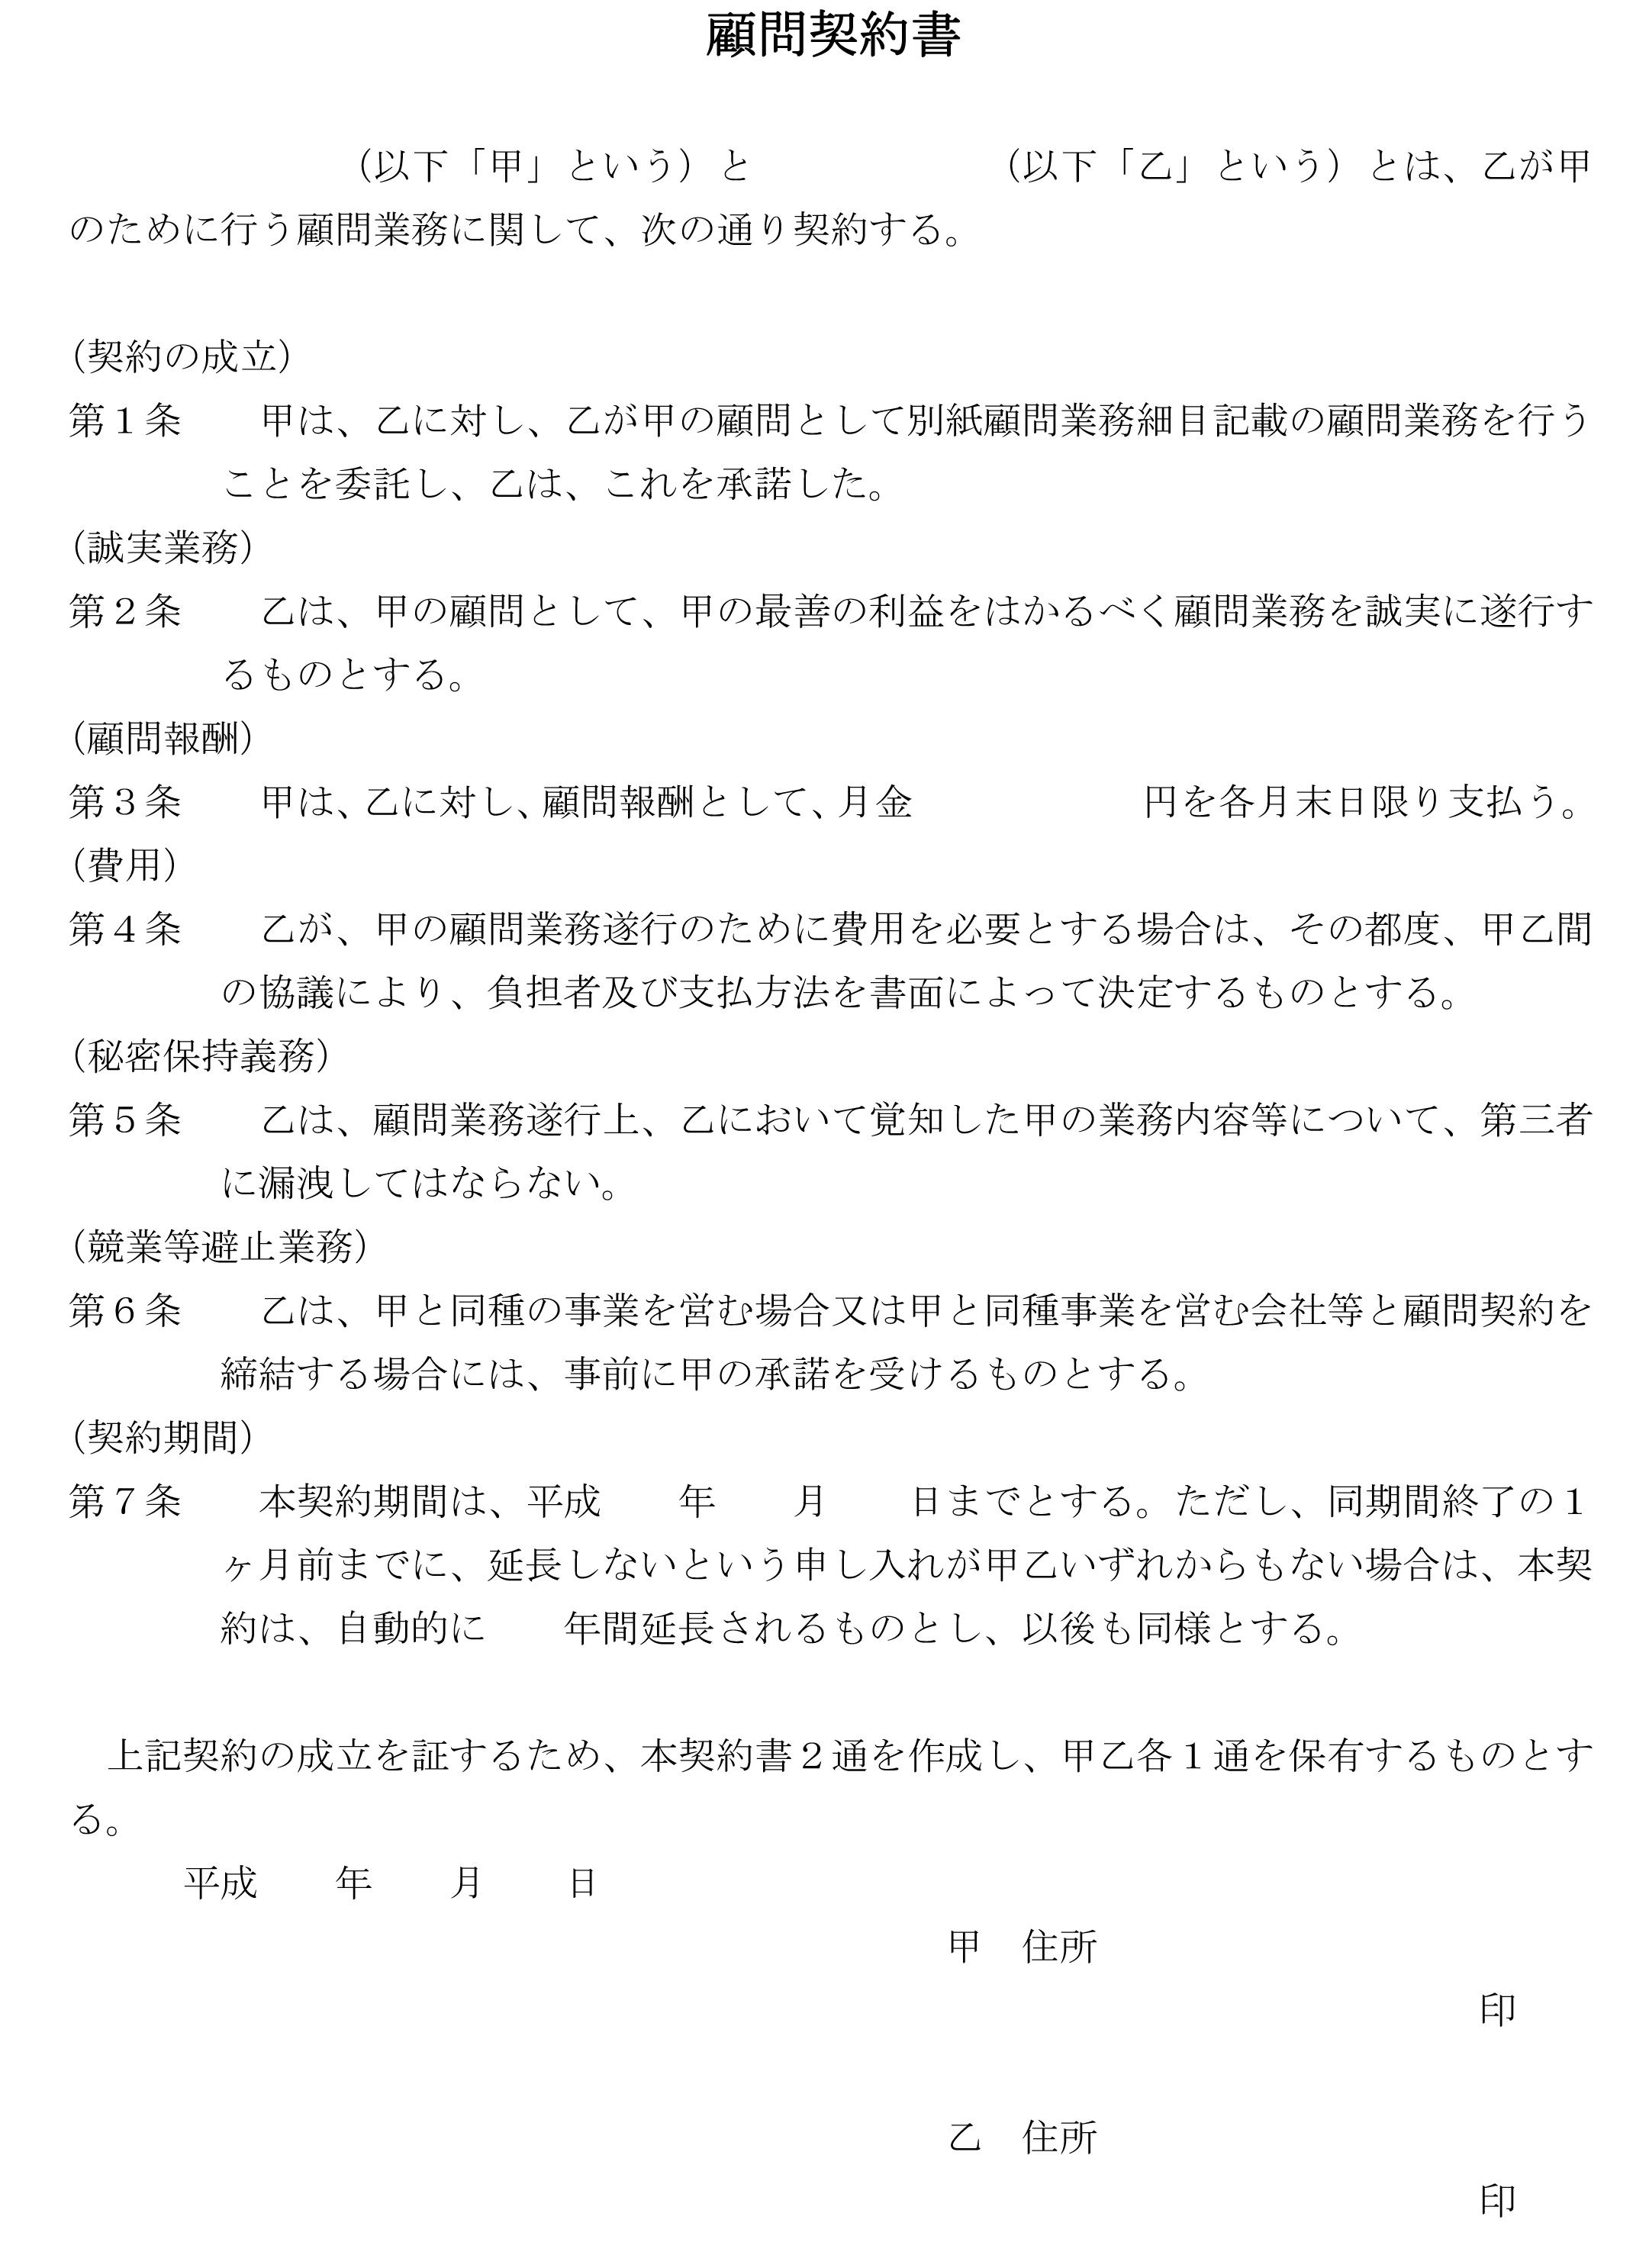 顧問契約書02